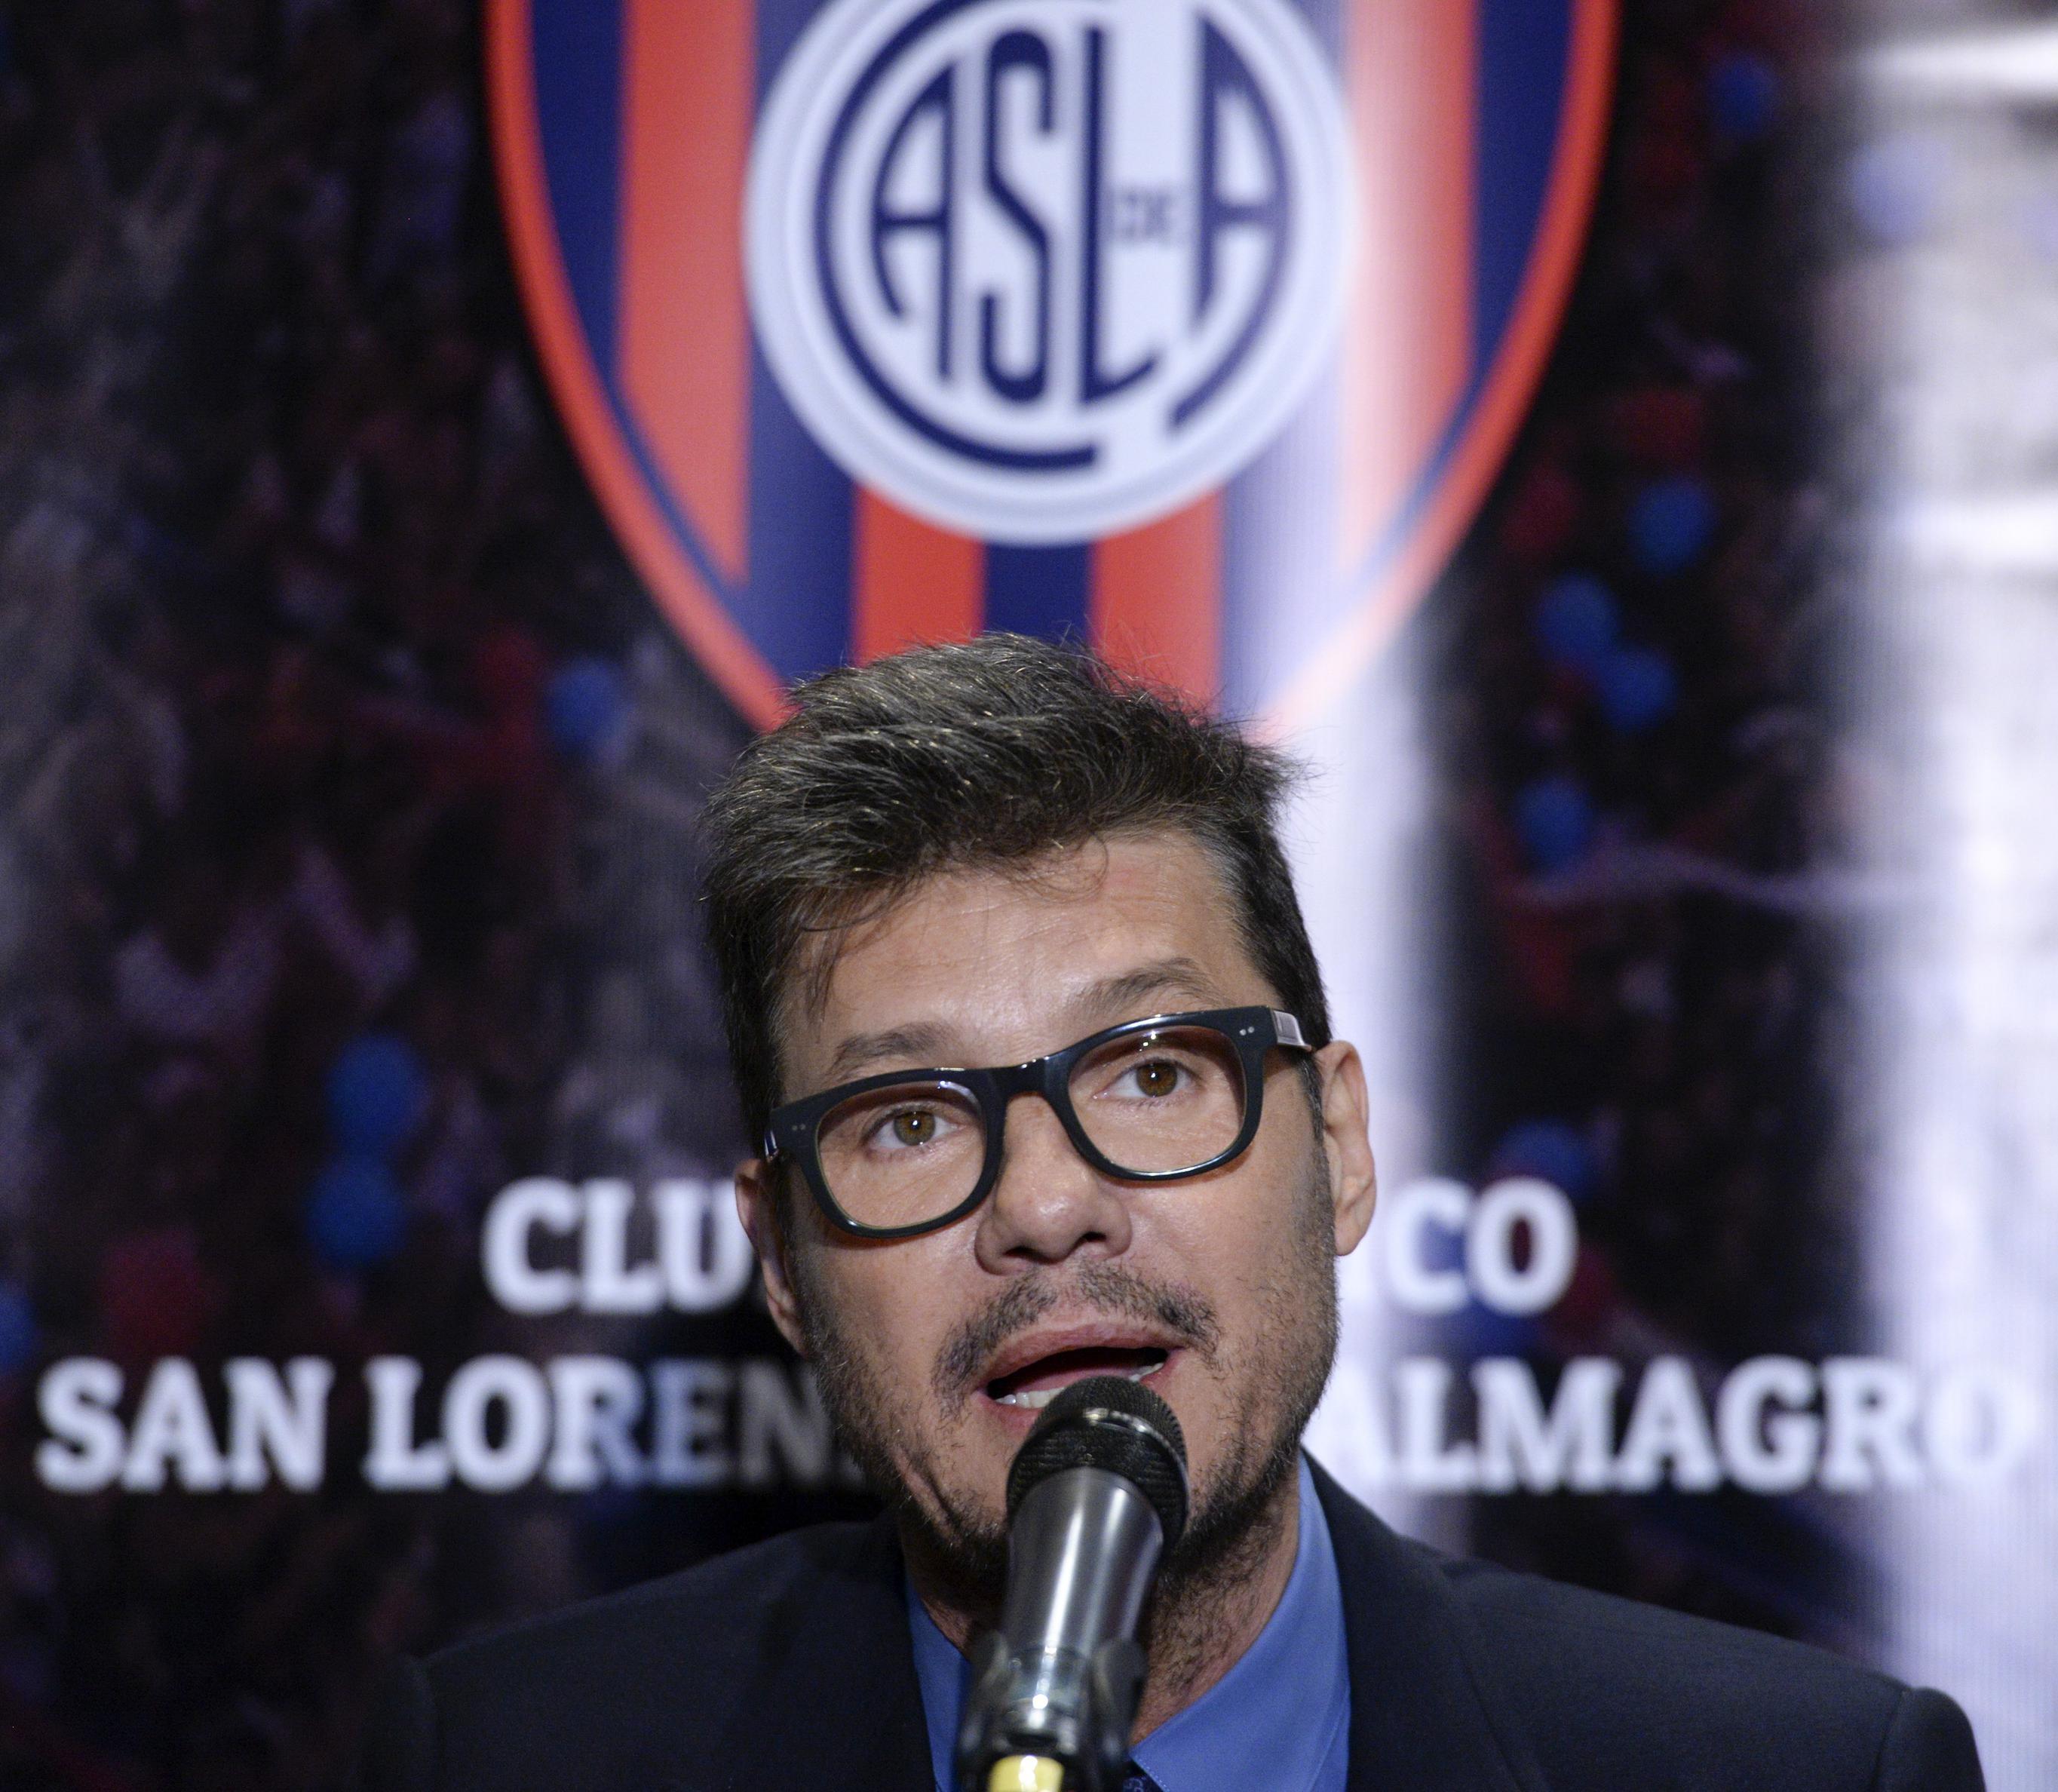 Tinelli será candidato a presidente en las elecciones de San Lorenzo